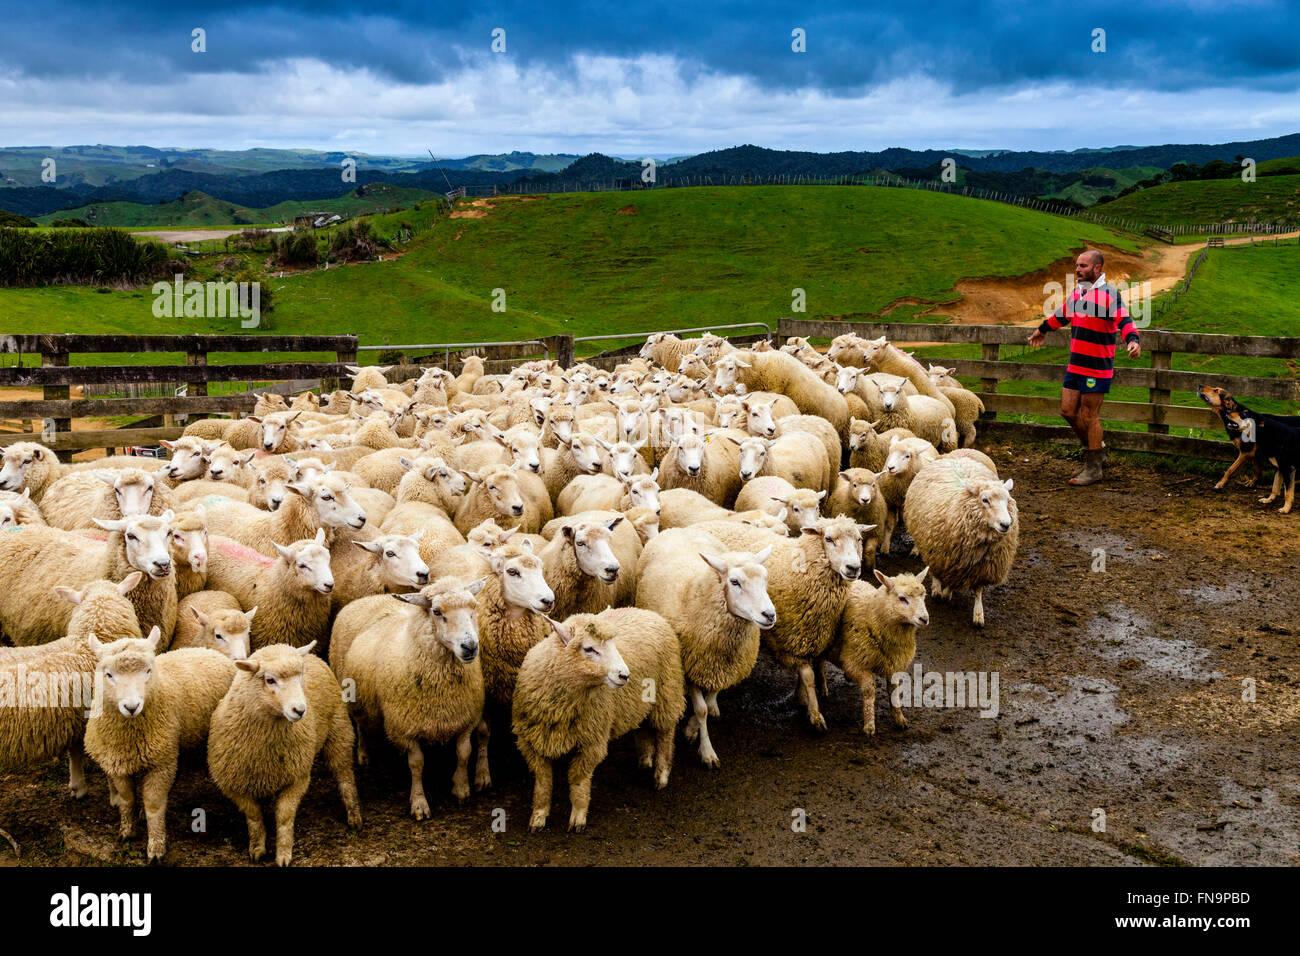 Moutons dans un enclos de moutons en attente d'être cisaillé, ferme de moutons, pukekohe, Nouvelle-Zélande Banque D'Images